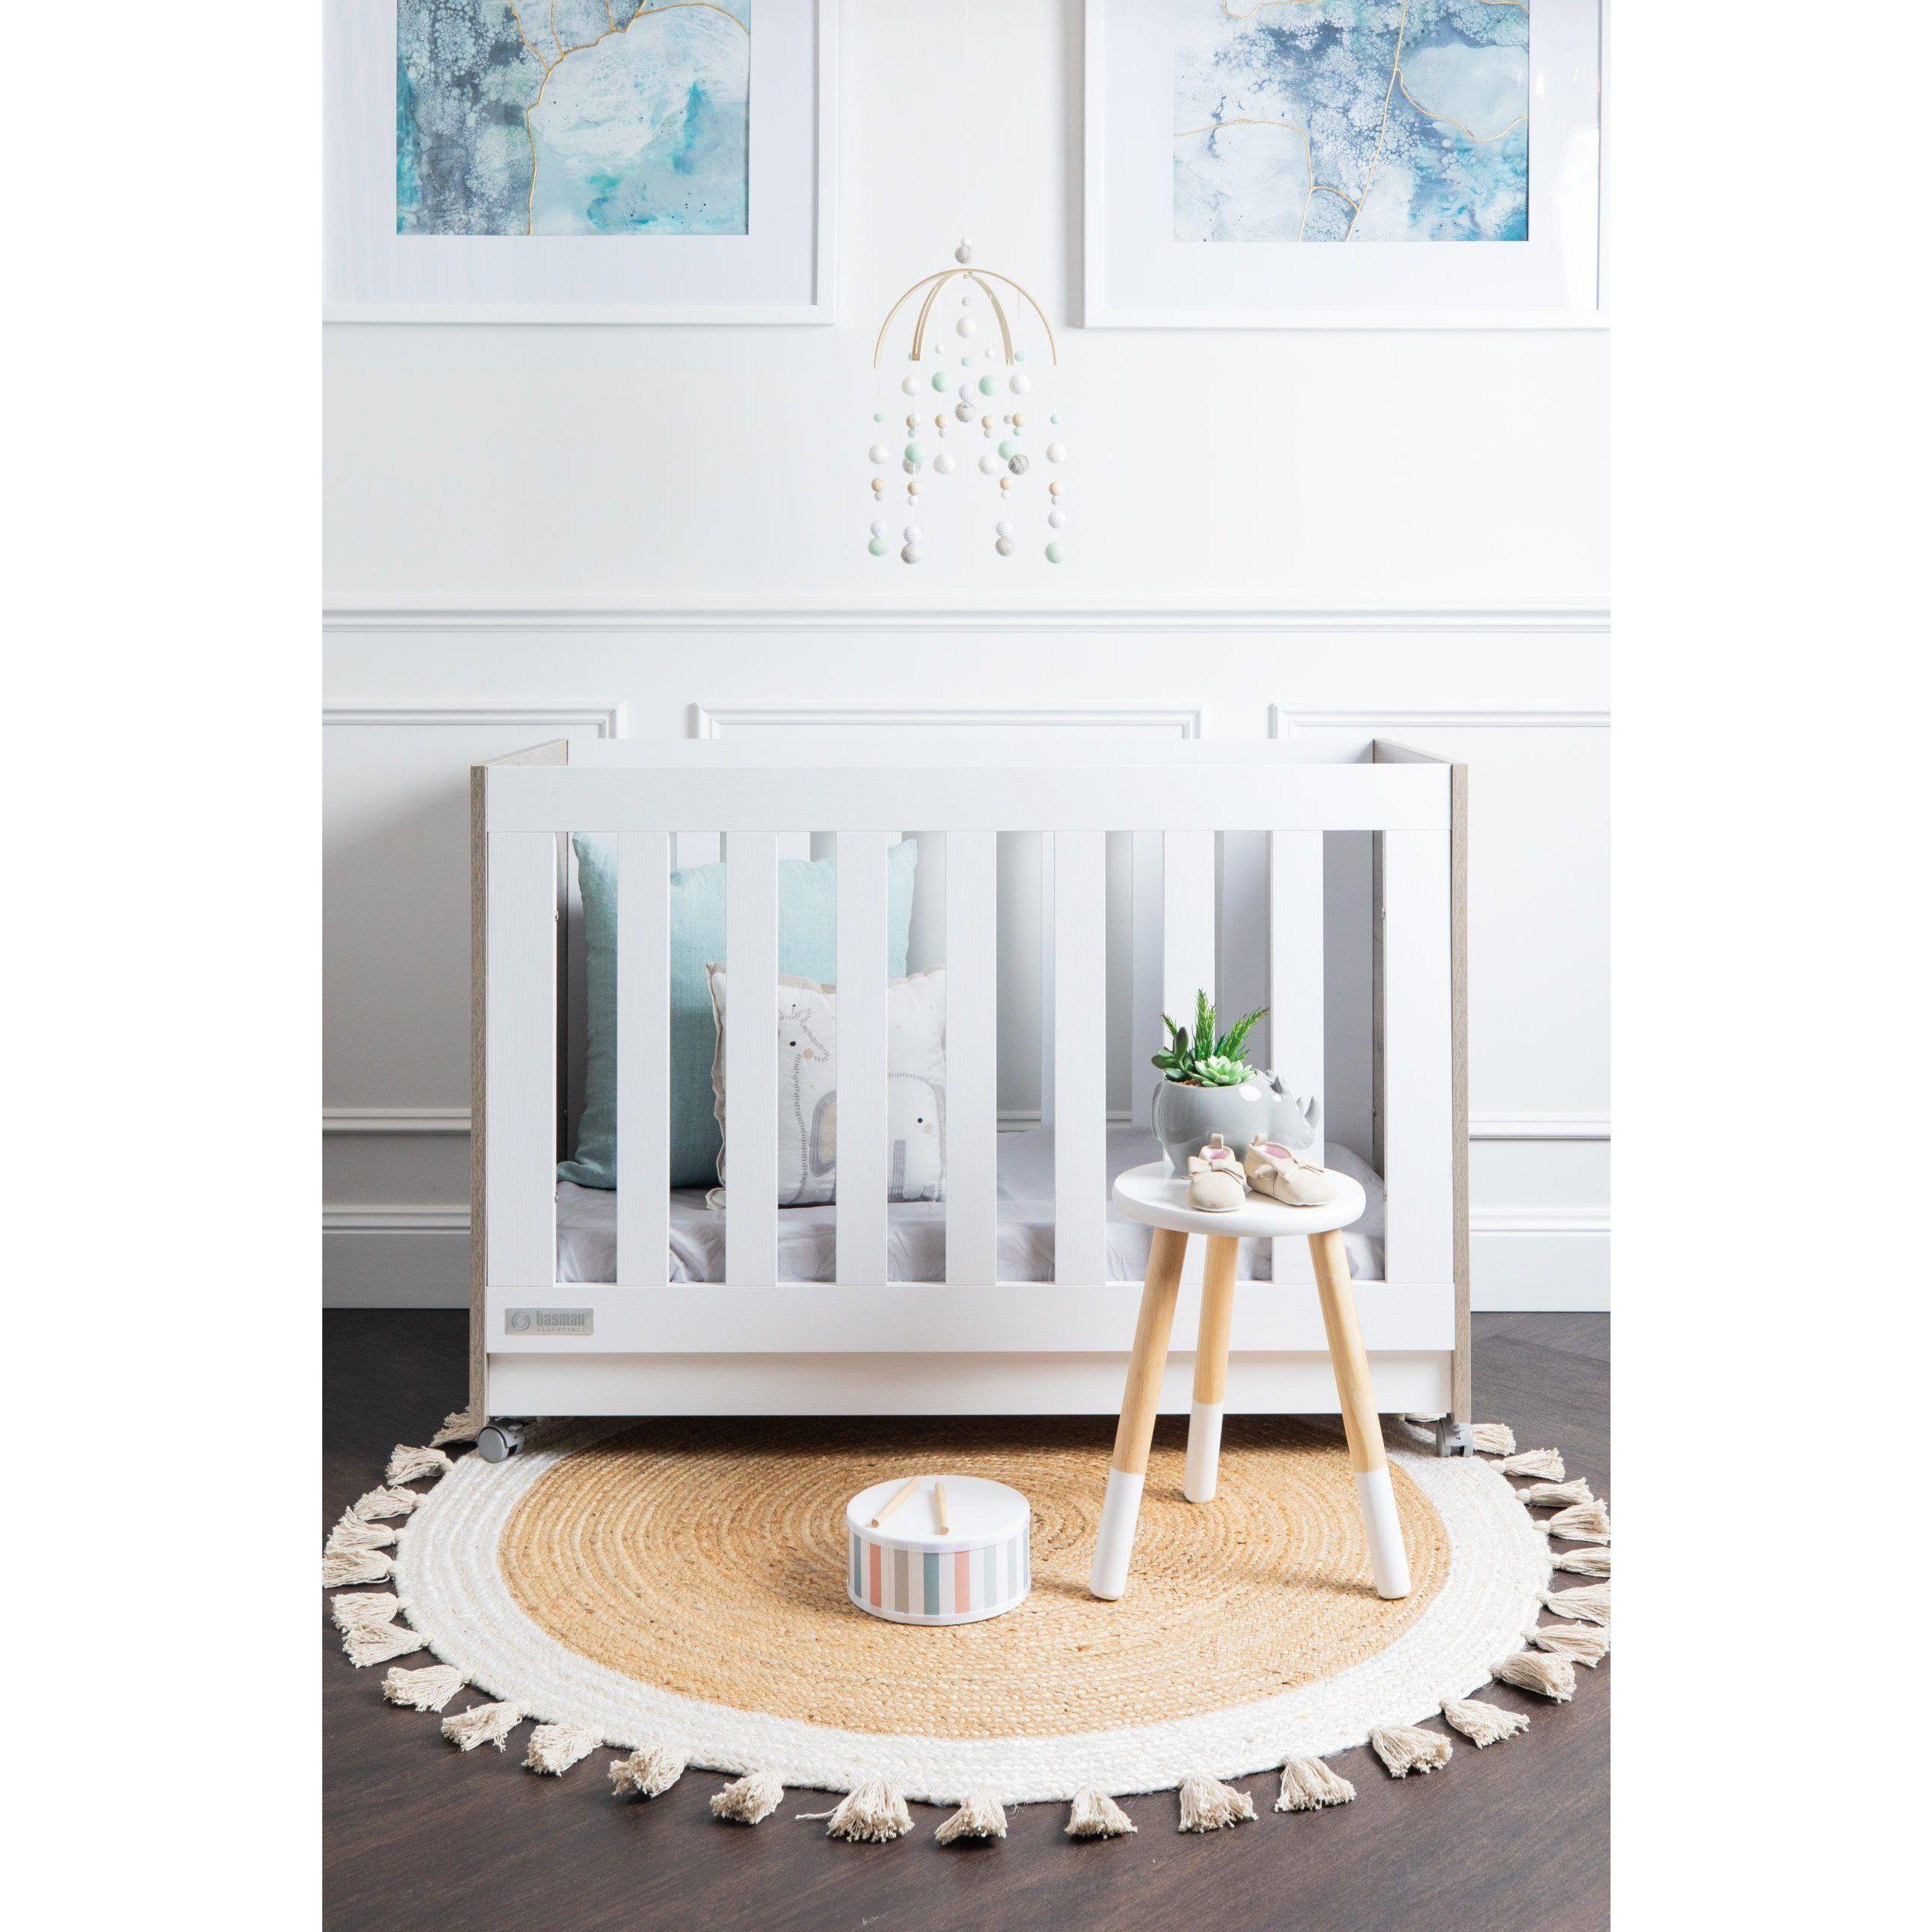 tasman essentials eden cot and mattress in baby nursery